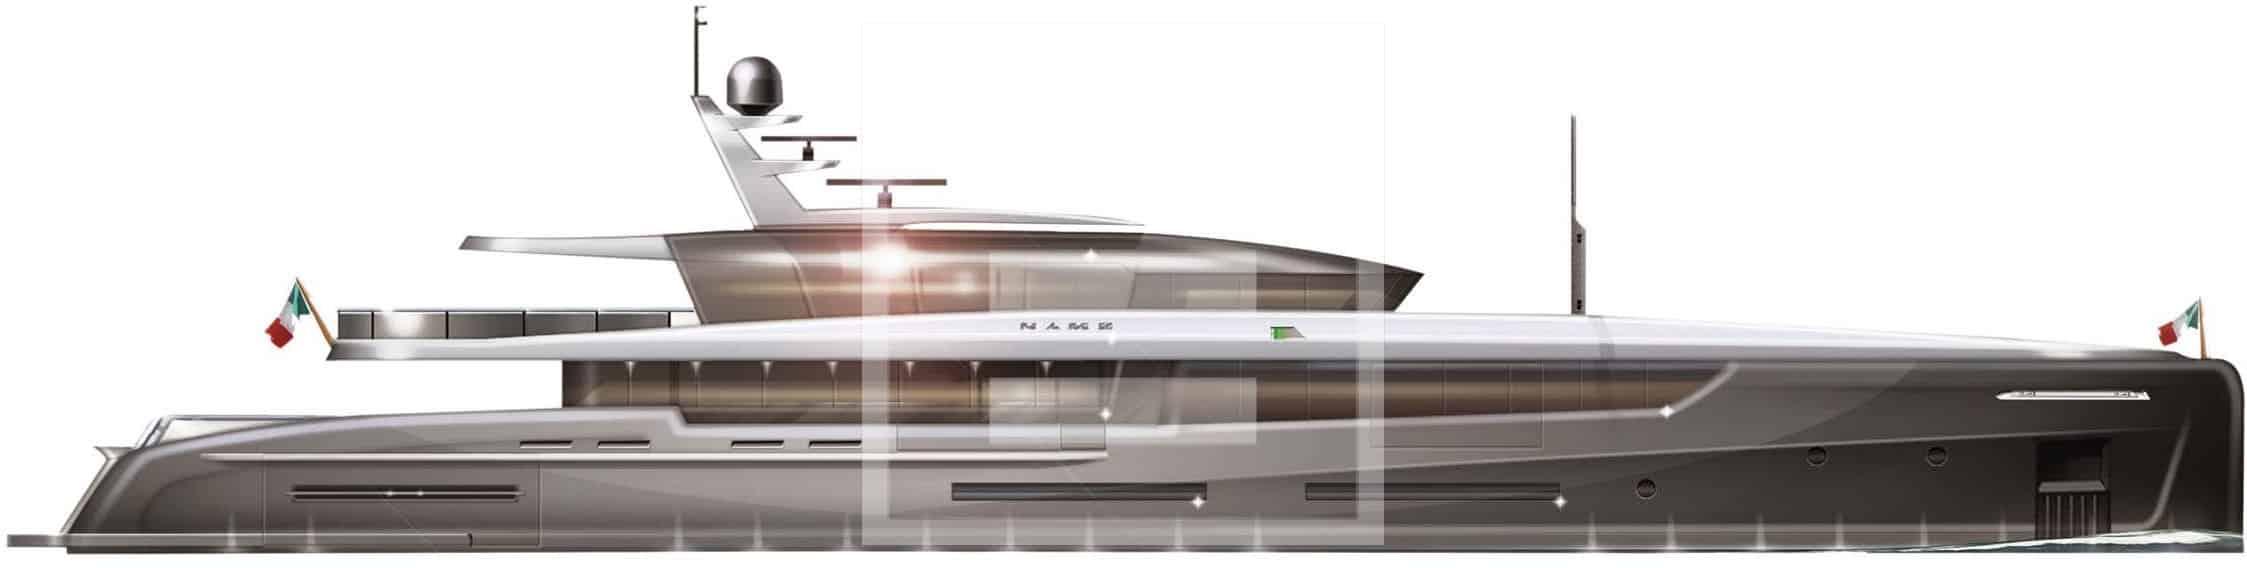 Il rendering di uno yacht di 70 metri sviluppato da Hydrotec